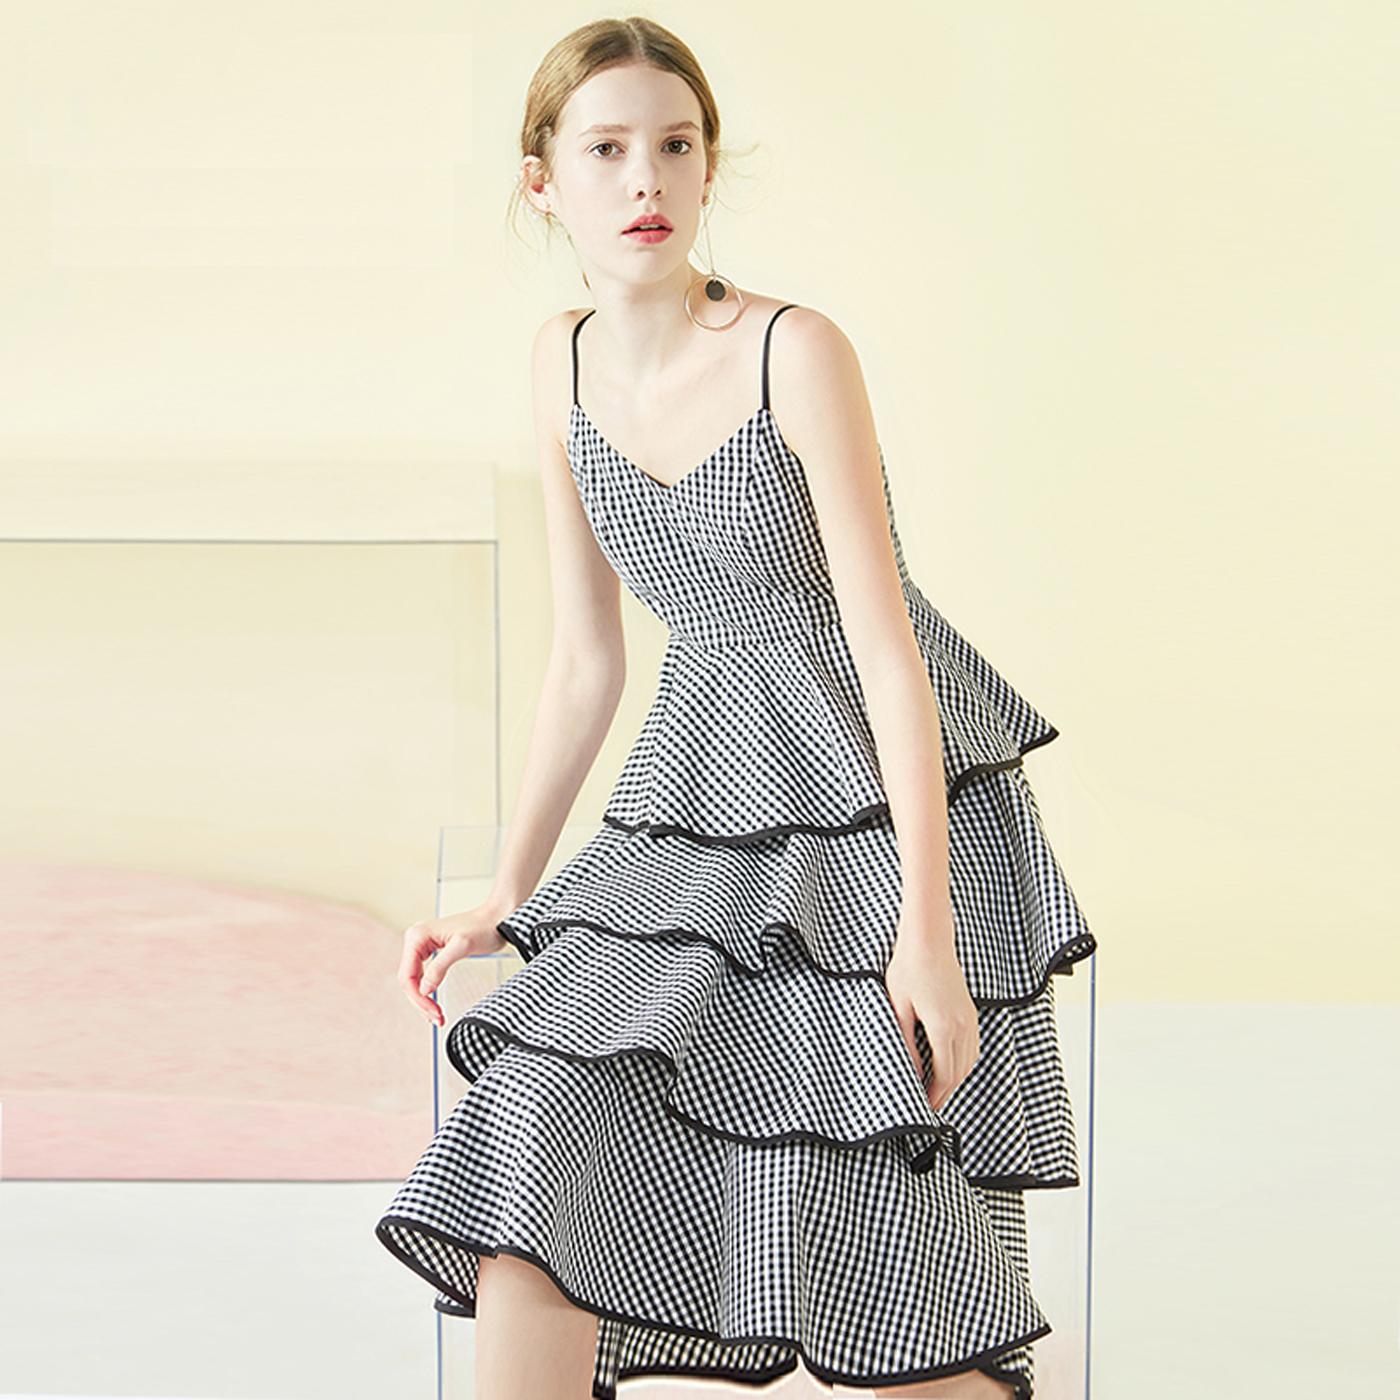 糖力2018夏季新款连衣裙女中长款荷叶边格子裙无袖露背时尚吊带裙